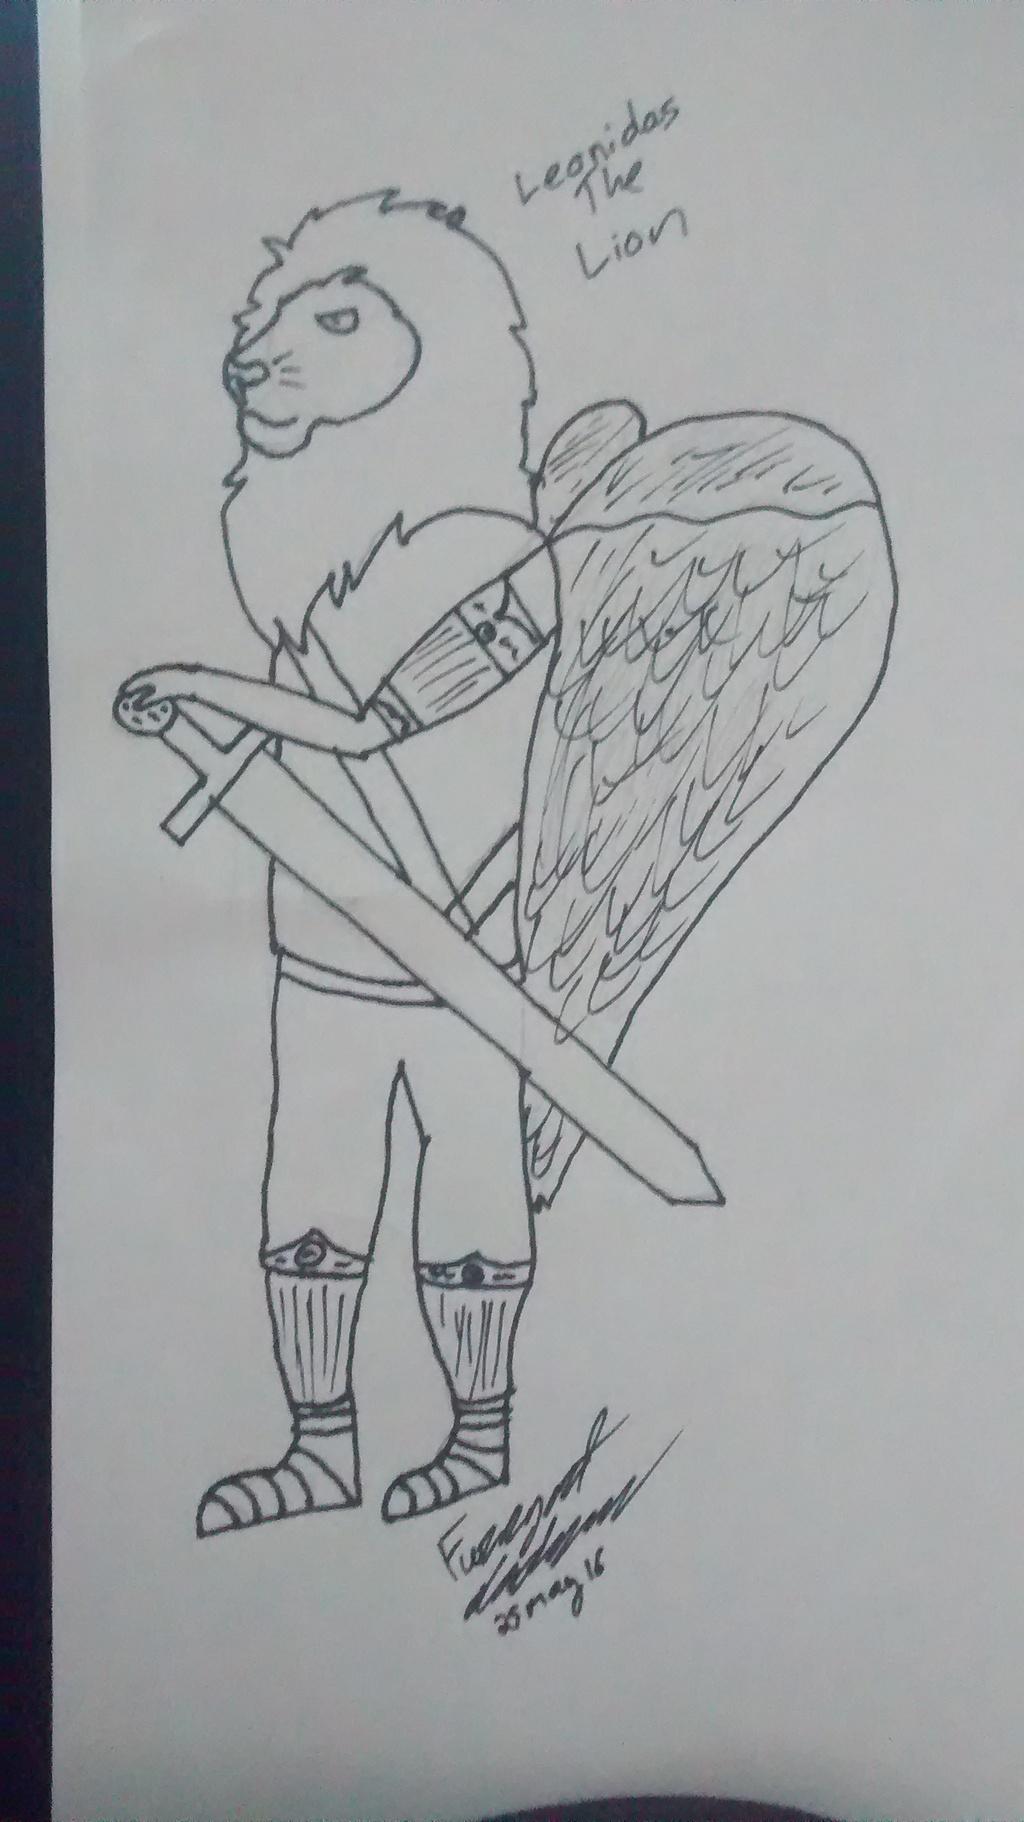 Most recent image: Leonidas The Lion